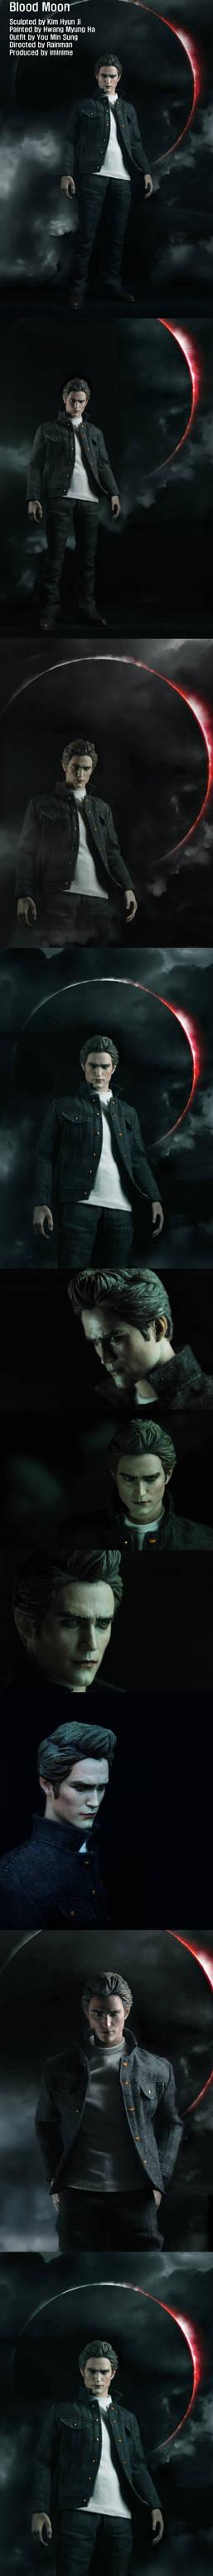 Robert Pattinson of Twilight